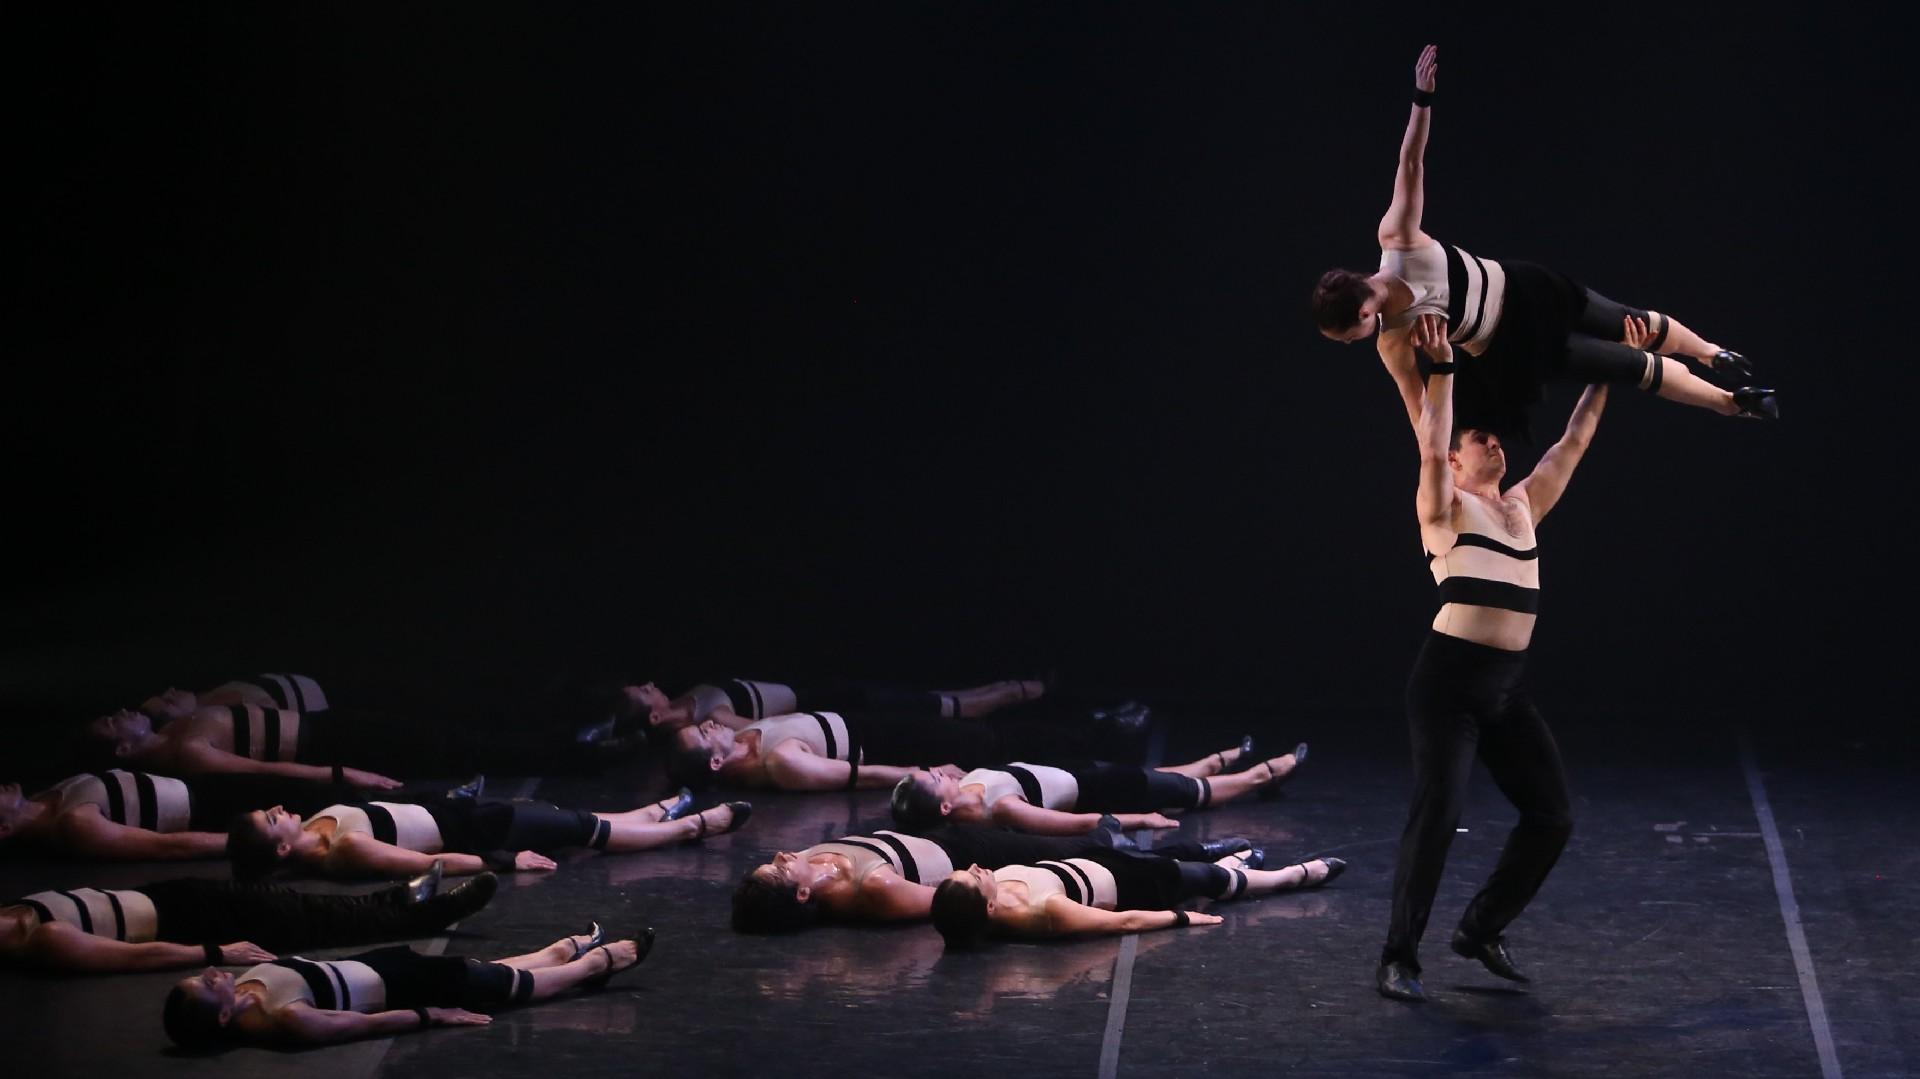 En 1977, el Teatro San Martín creó el Taller de Danzas junto con el Ballet Contemporáneo, con el propósito inicial de nutrir de bailarines a la Compañía estable del Teatro San Martín